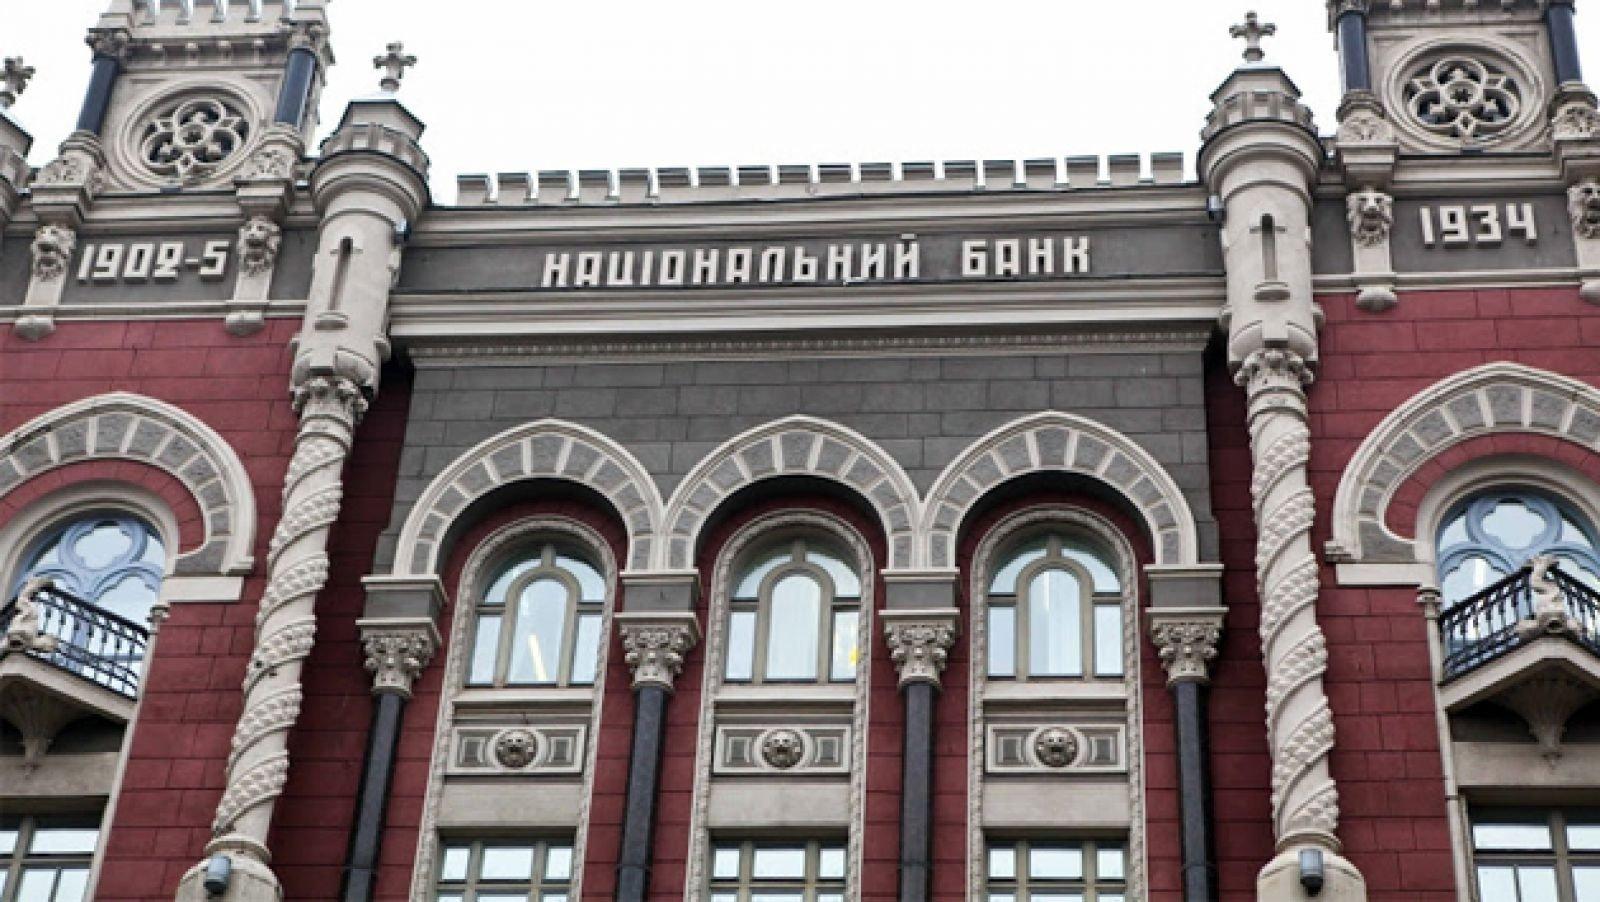 Обмен валют в Украине будут осуществлять ломбарды: Нацбанк удивил новым решением